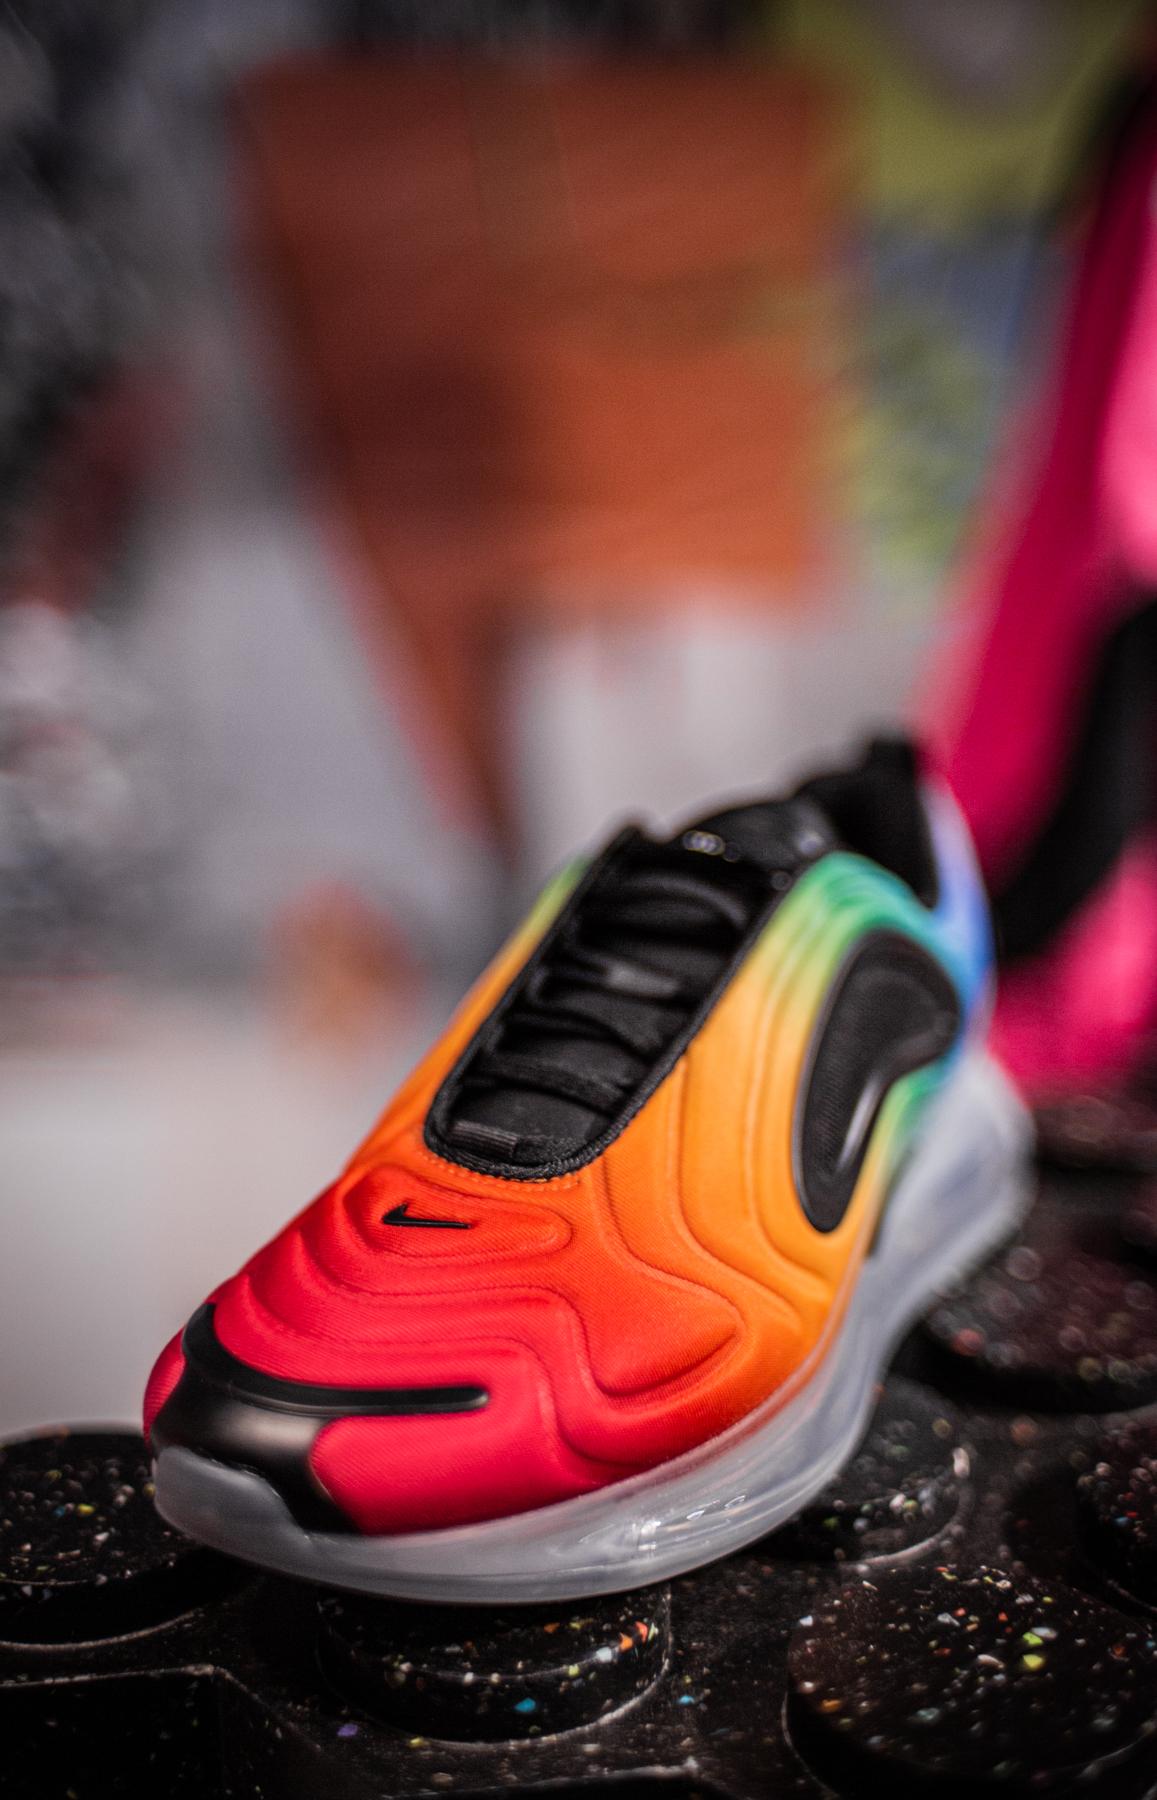 JFENSKE_10113_Satis_Nike_Relab__58A7389_low_01.jpg